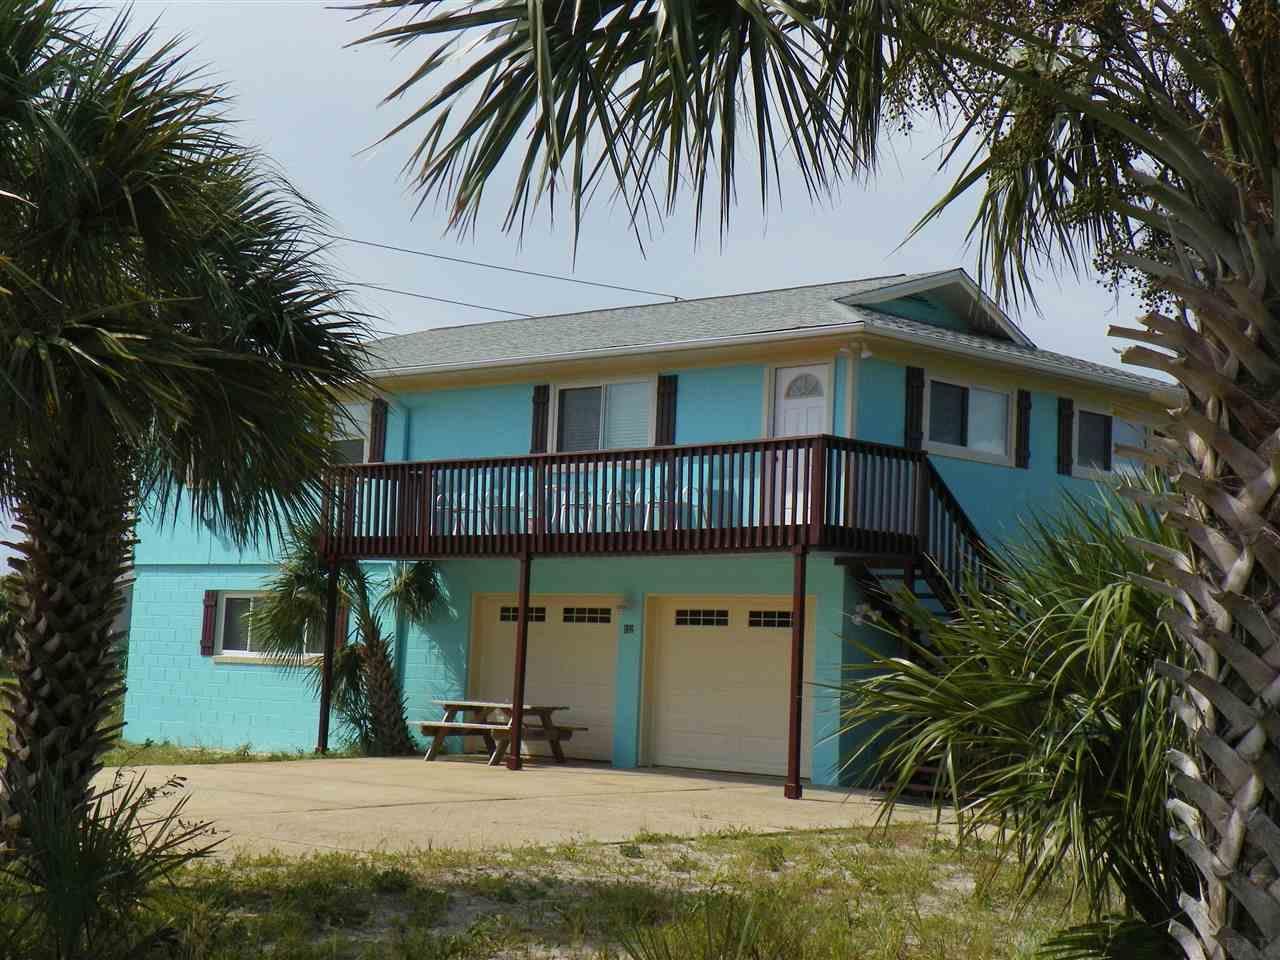 102 ENTRADA 2, PENSACOLA BEACH, FL 32561